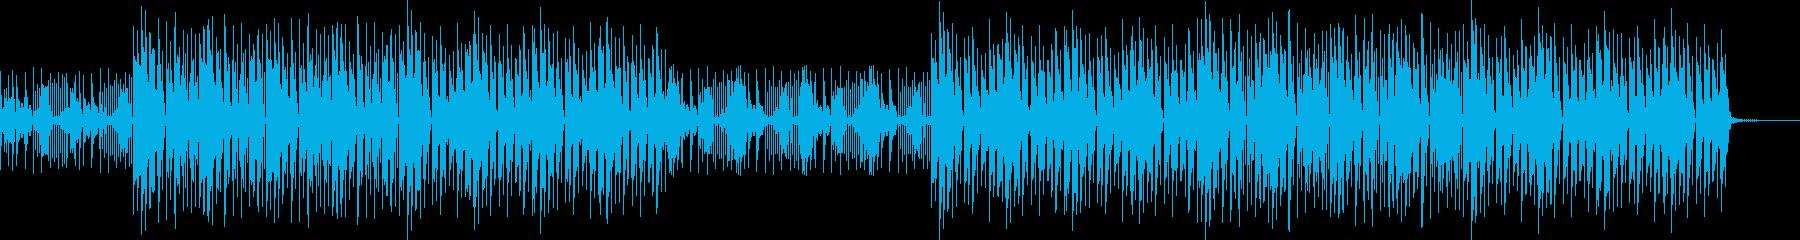 おしゃれ・カントリー・EDM・空気感2の再生済みの波形